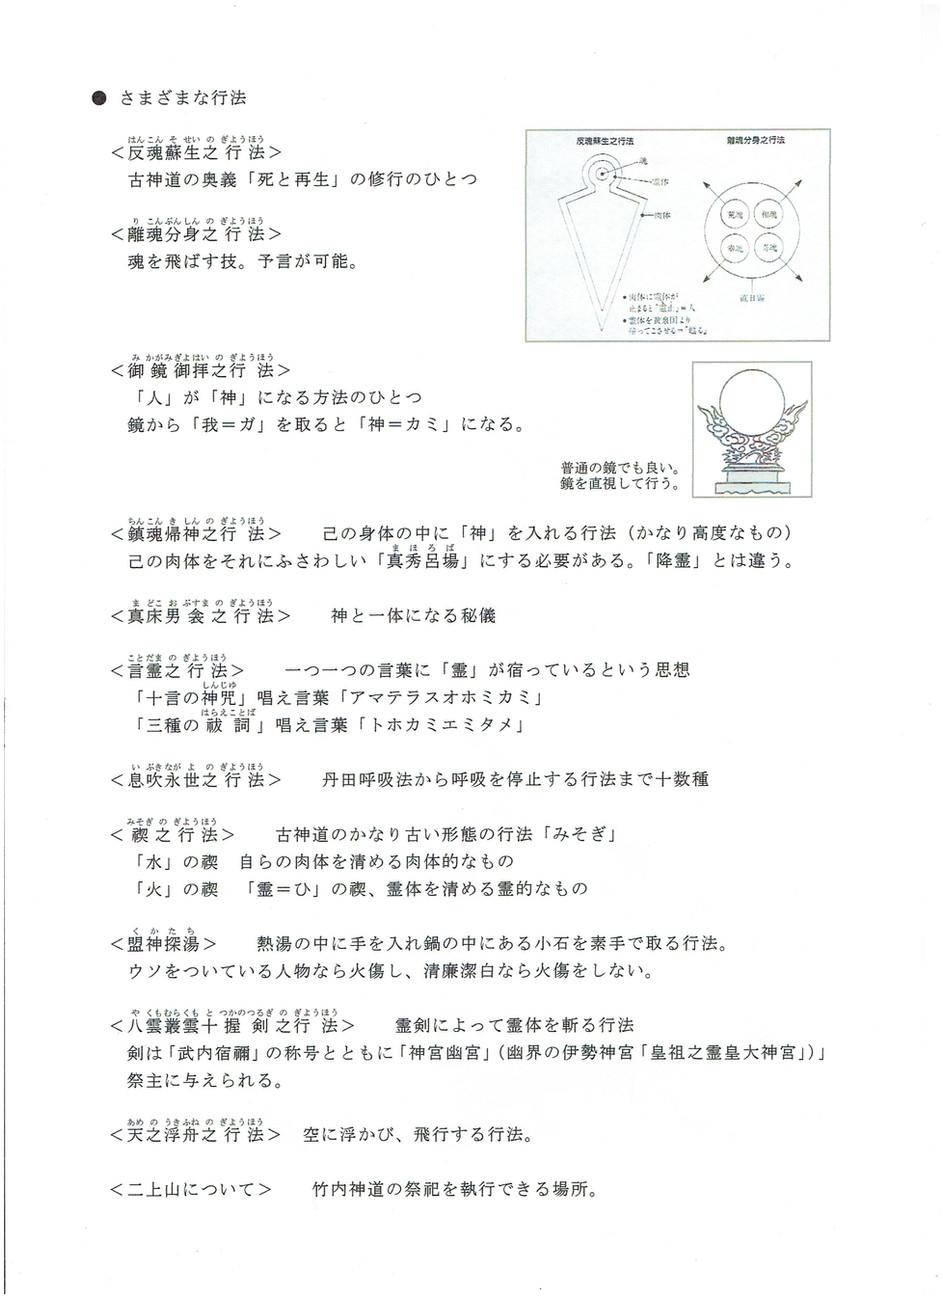 2018年6月30日 古神道の秘儀・秘伝